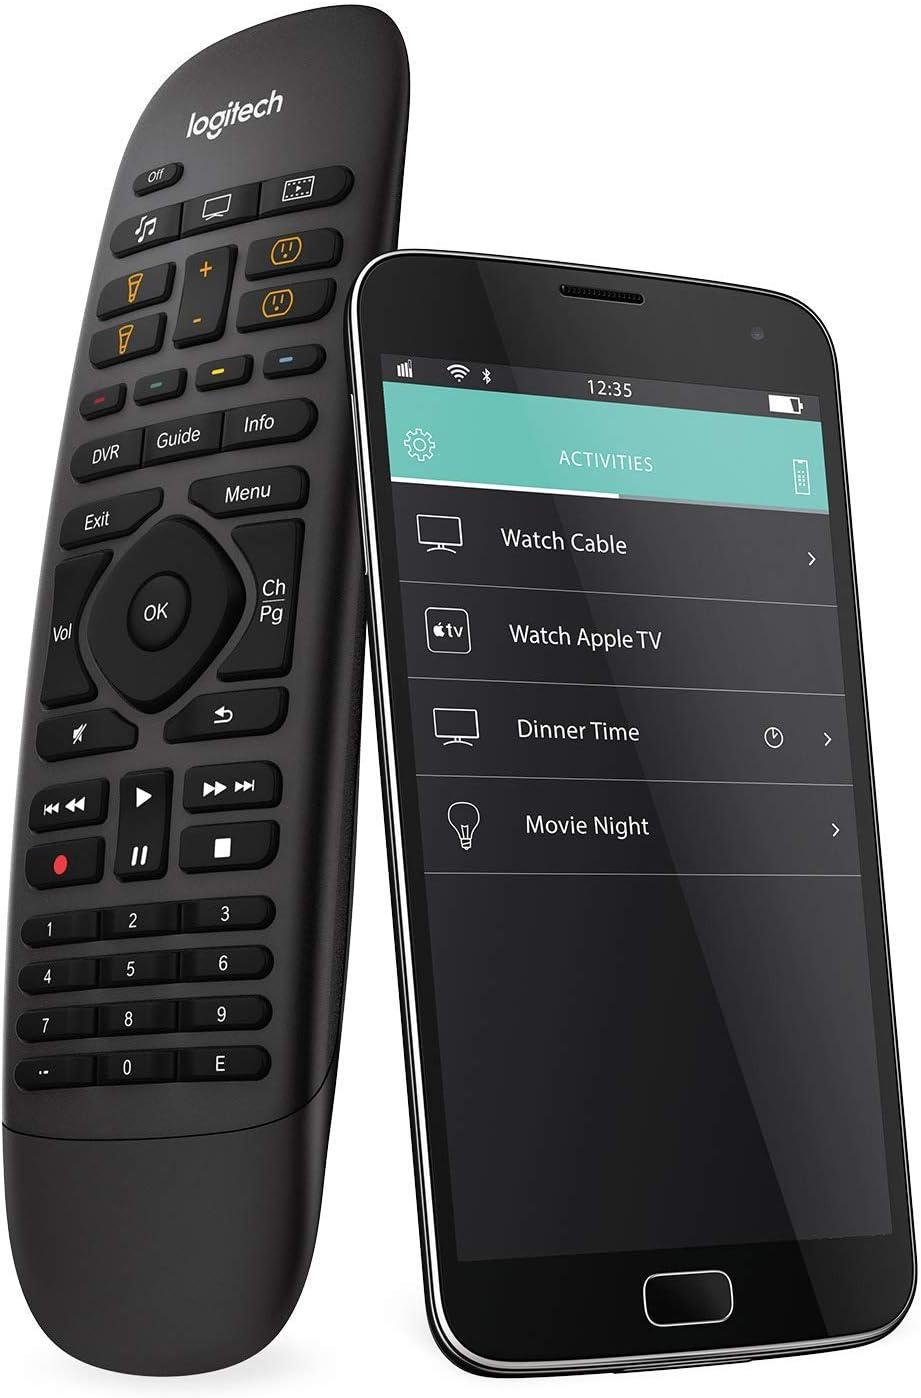 Logitech Harmony Companion Control Remoto a Distancia para SKY, Apple TV, fireTV, Alexa, Roku, Netflix, Sonos and Smart Home, Fácil Configuración LG/Samsung/Sony/Hisense/Xbox/PS4 , Negro